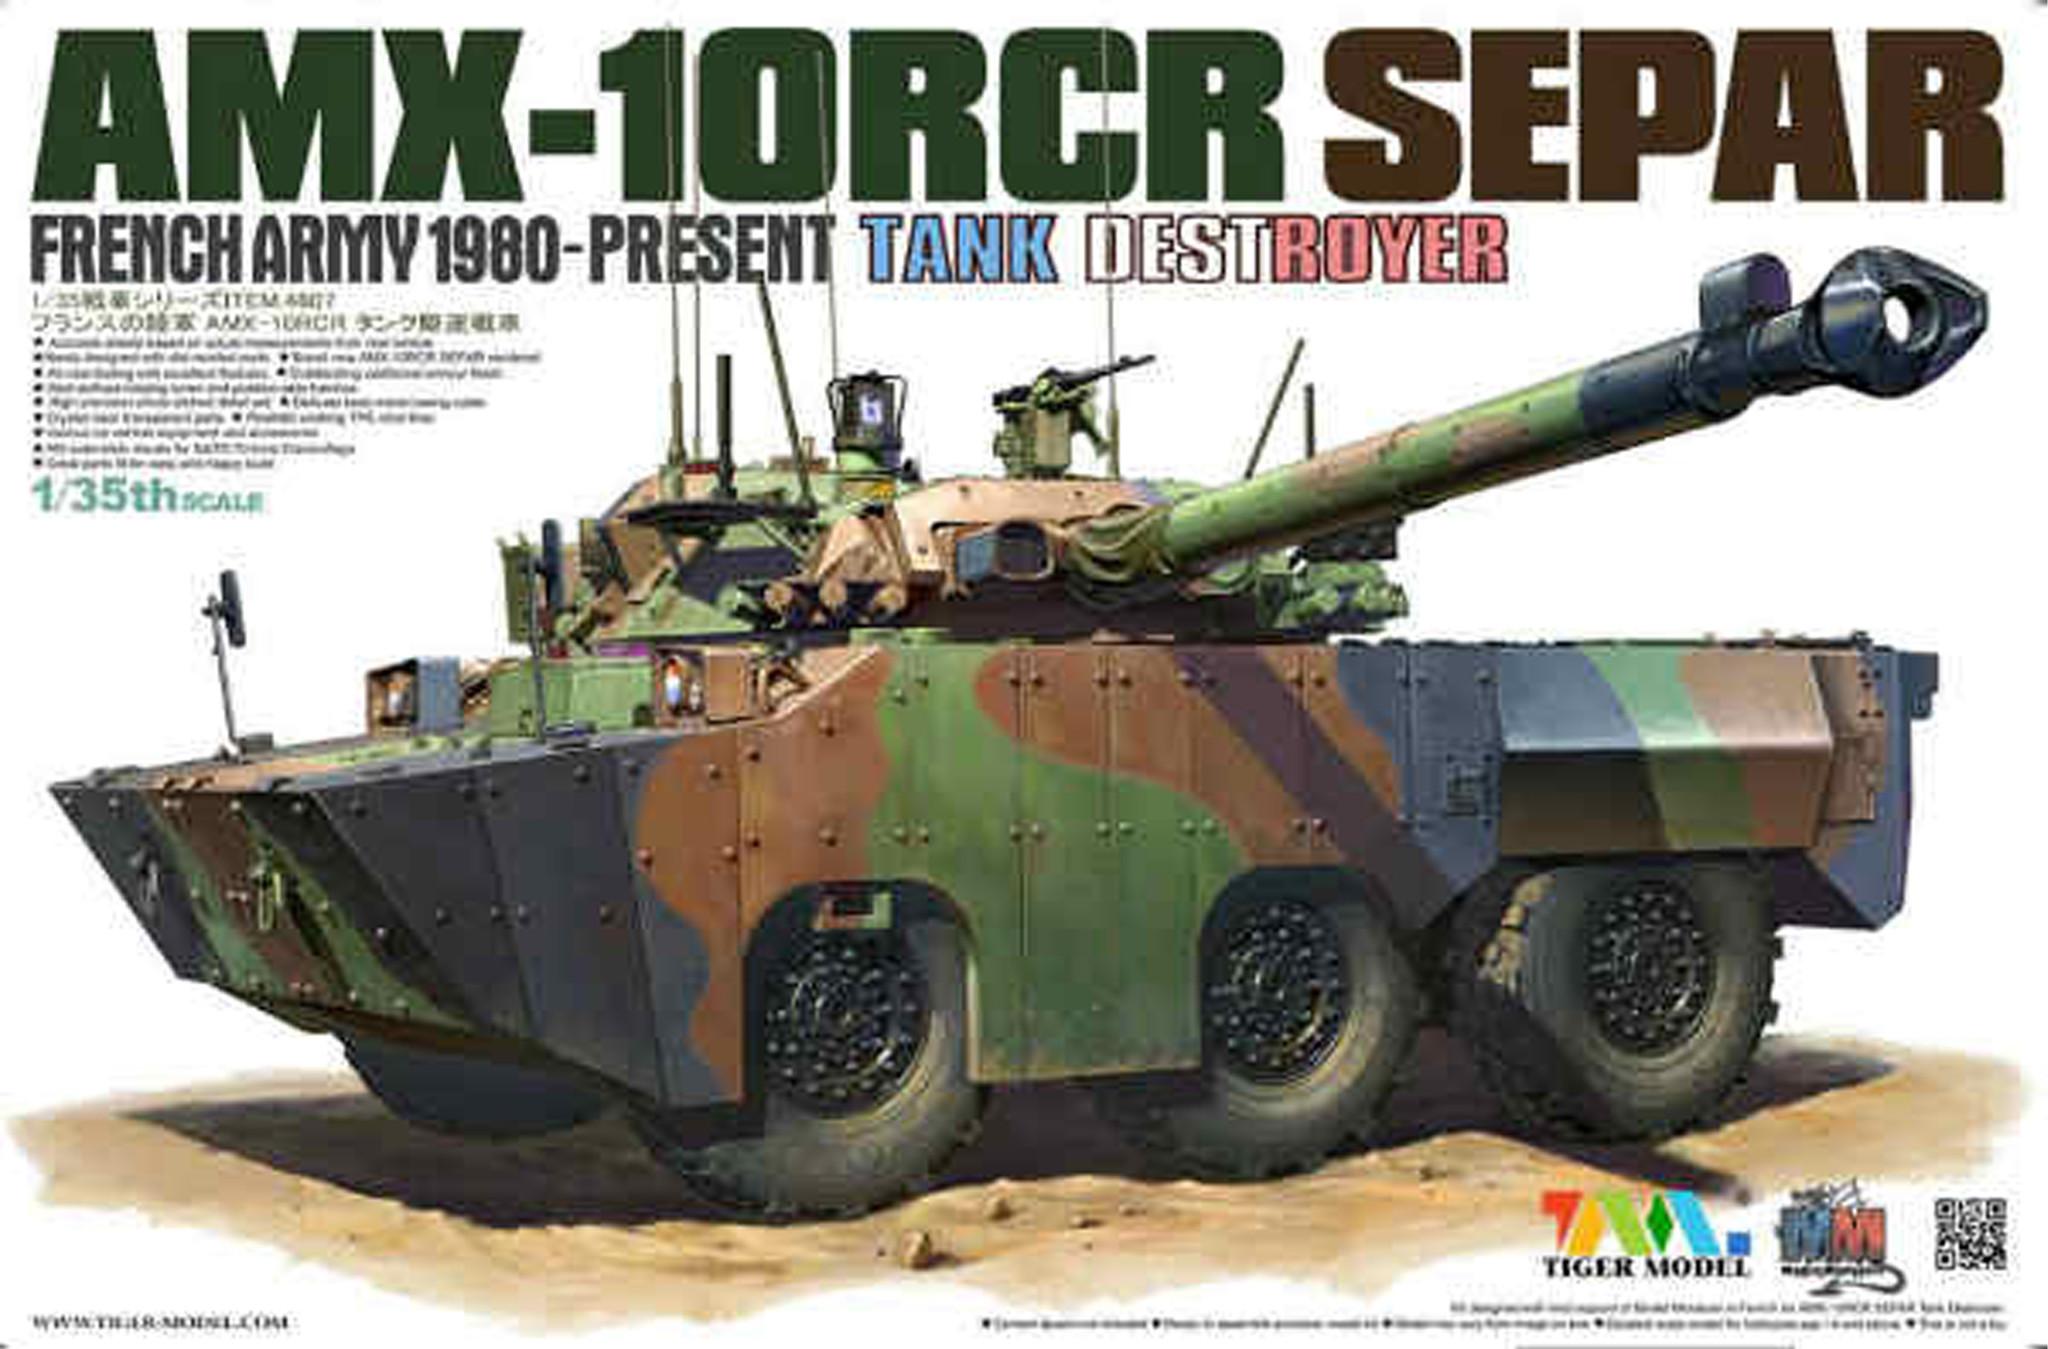 Tiger Model Amx 10 Rcr Separ - Tiger Model - Scale 1/35 - TIGE4607